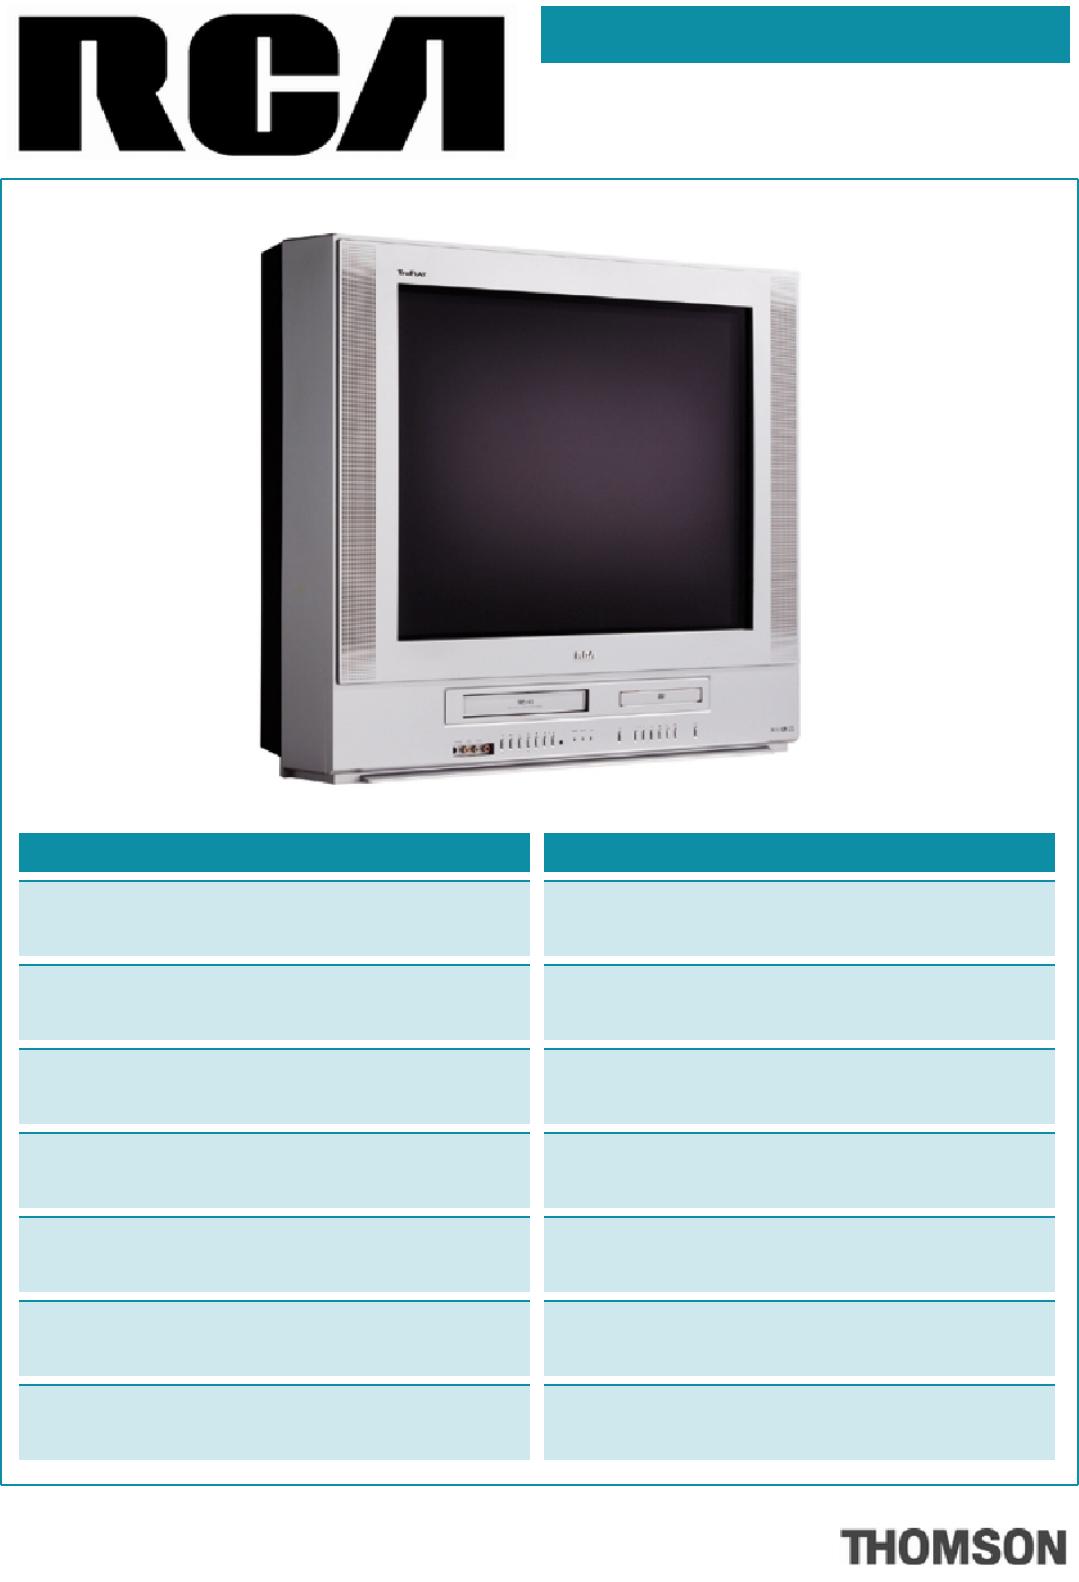 rca tv dvd combo 20f500tdv user guide. Black Bedroom Furniture Sets. Home Design Ideas